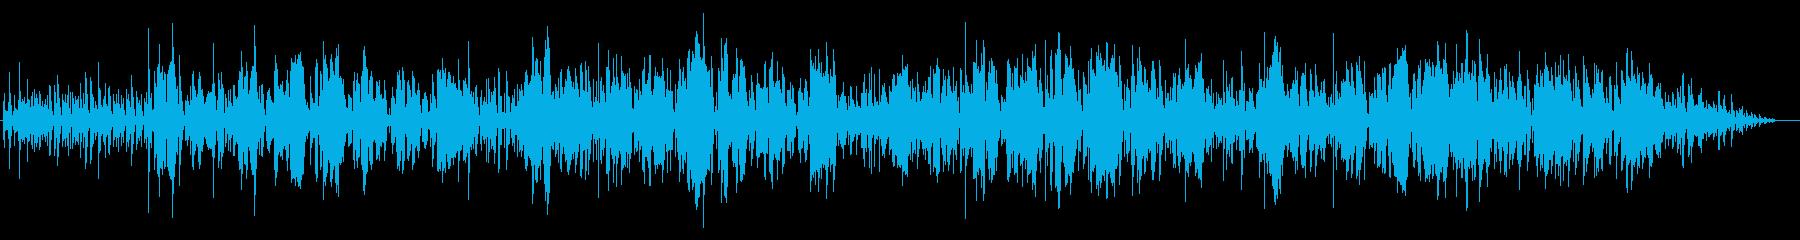 プロジャズ歌手のスコットランド民謡カバーの再生済みの波形